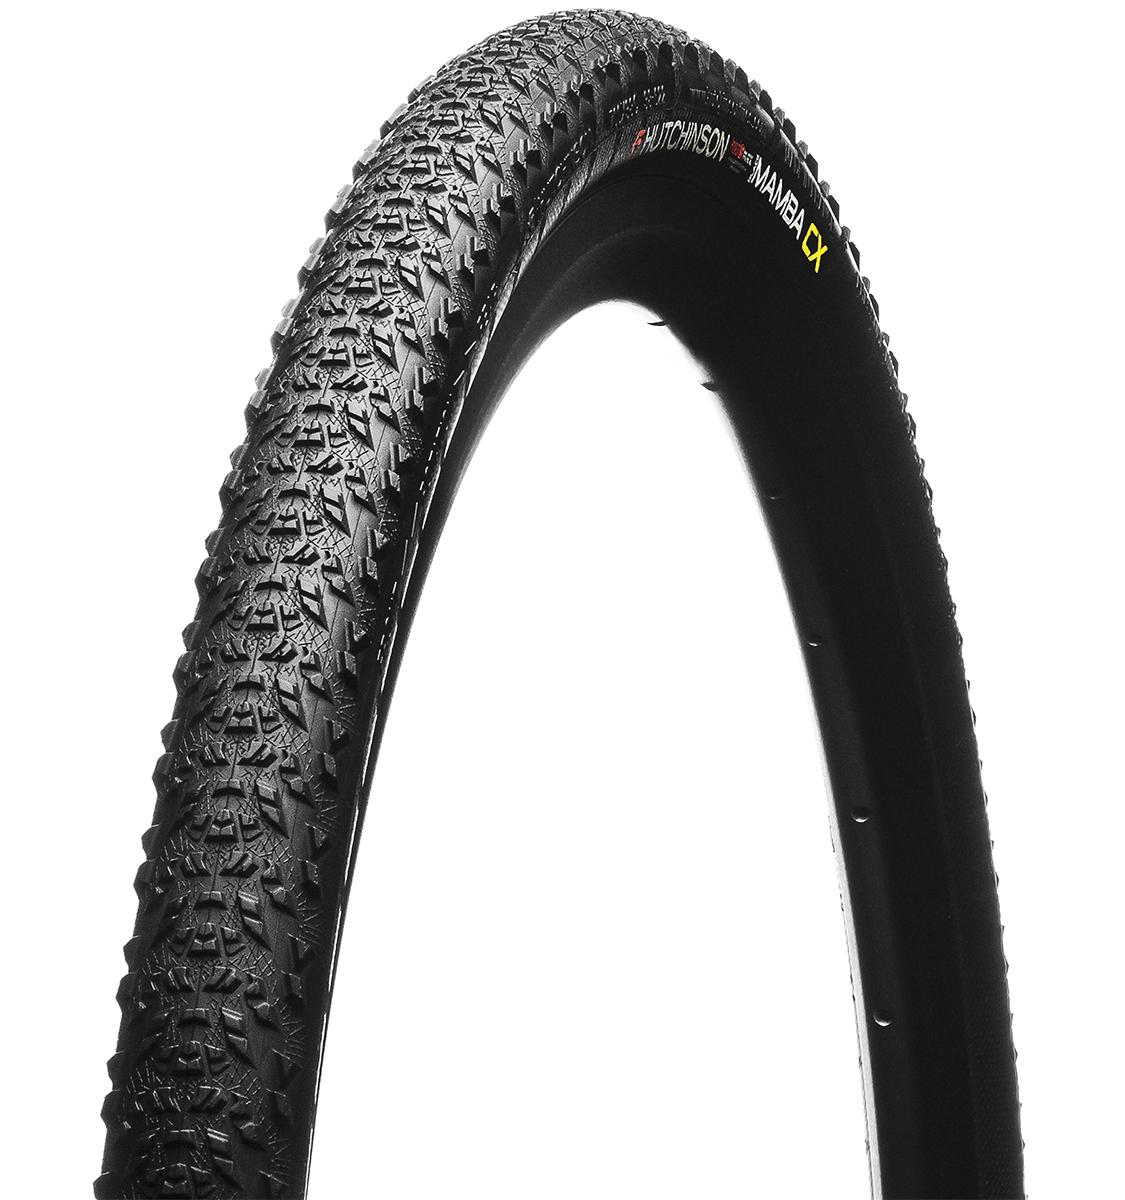 gravel-cx-bike-tire-hutchinson-black-mamba-cx-1